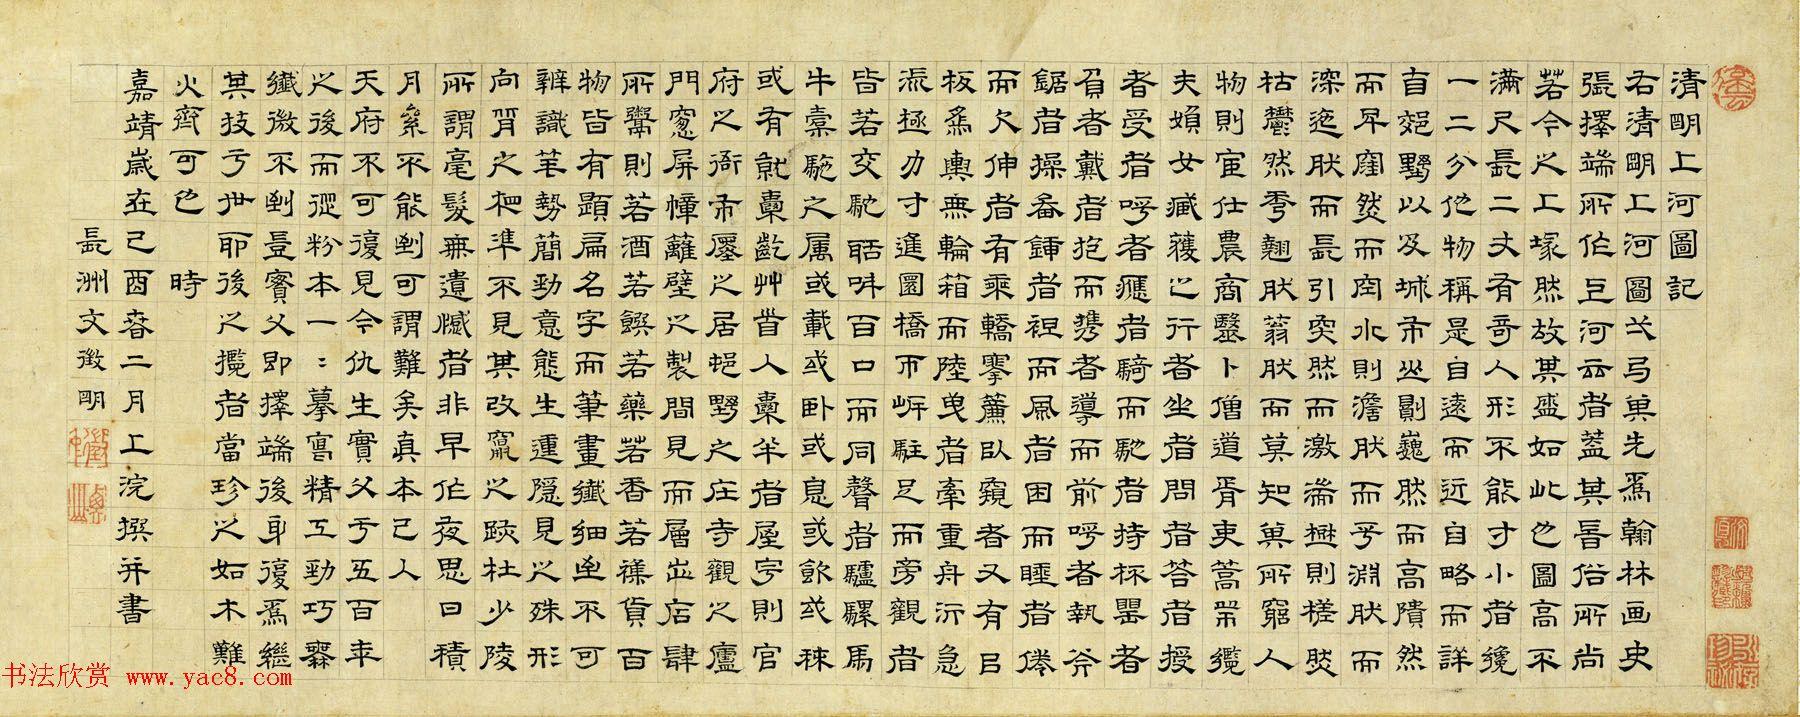 文徵明隶书作品欣赏《清明上河图记》